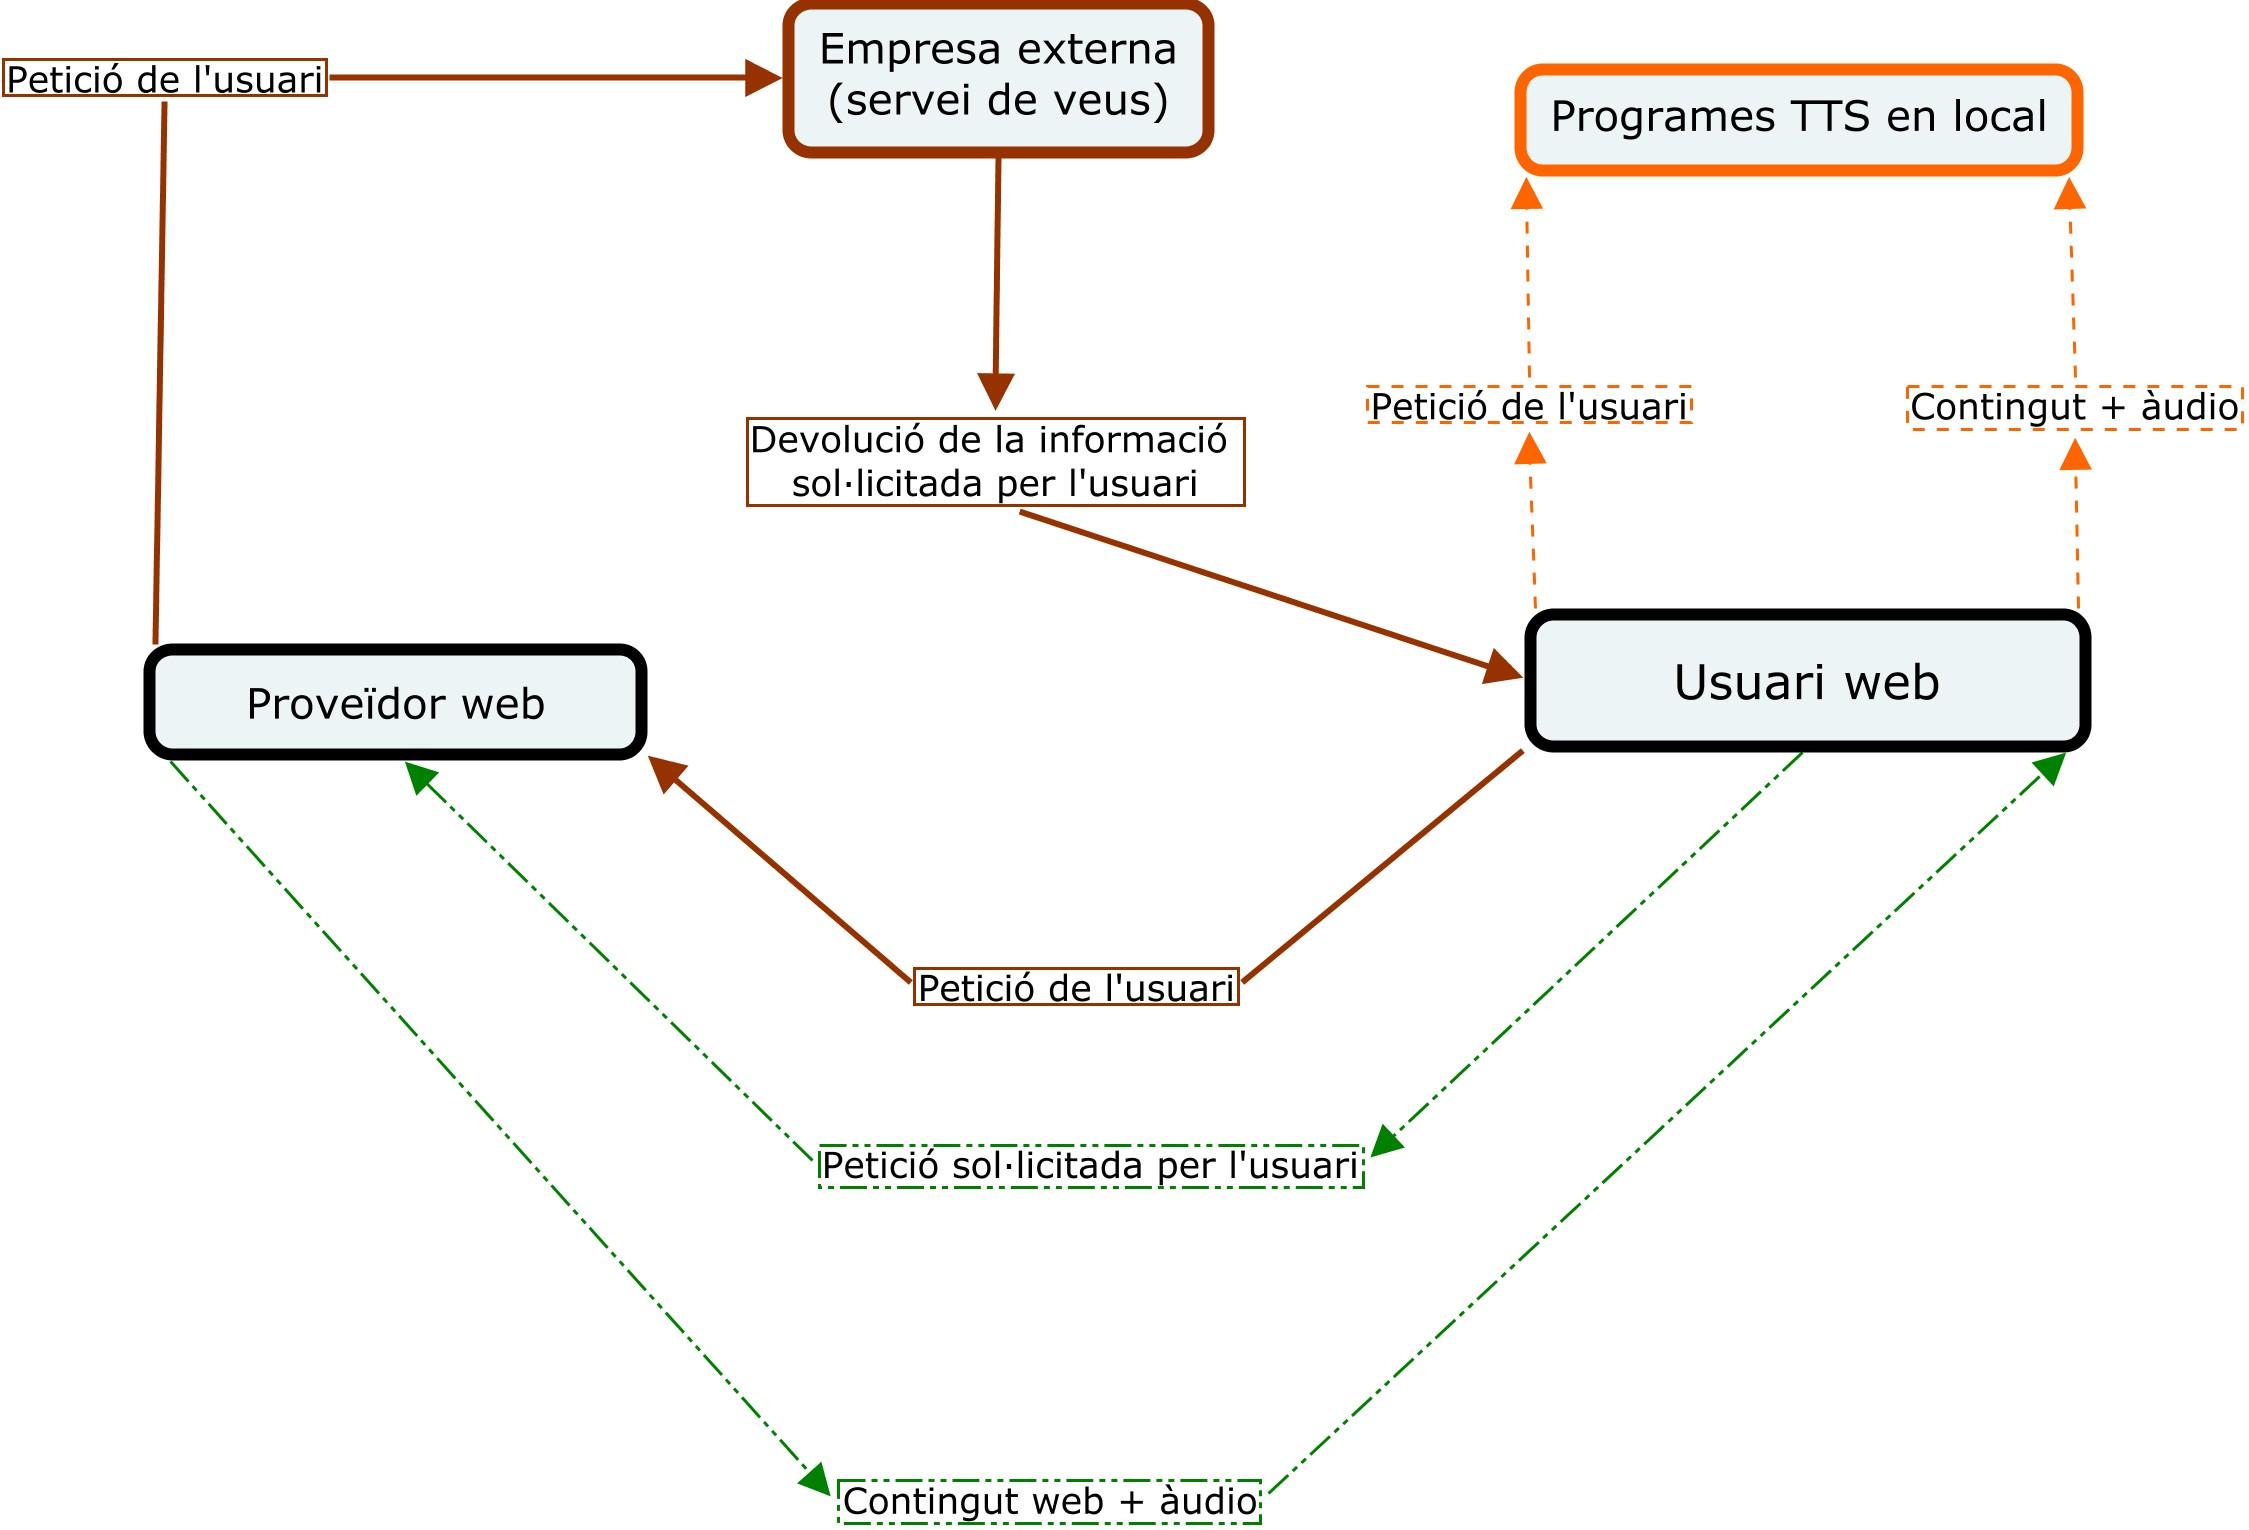 Esquema de funcionament de les diferents eines de suport de veu en el web